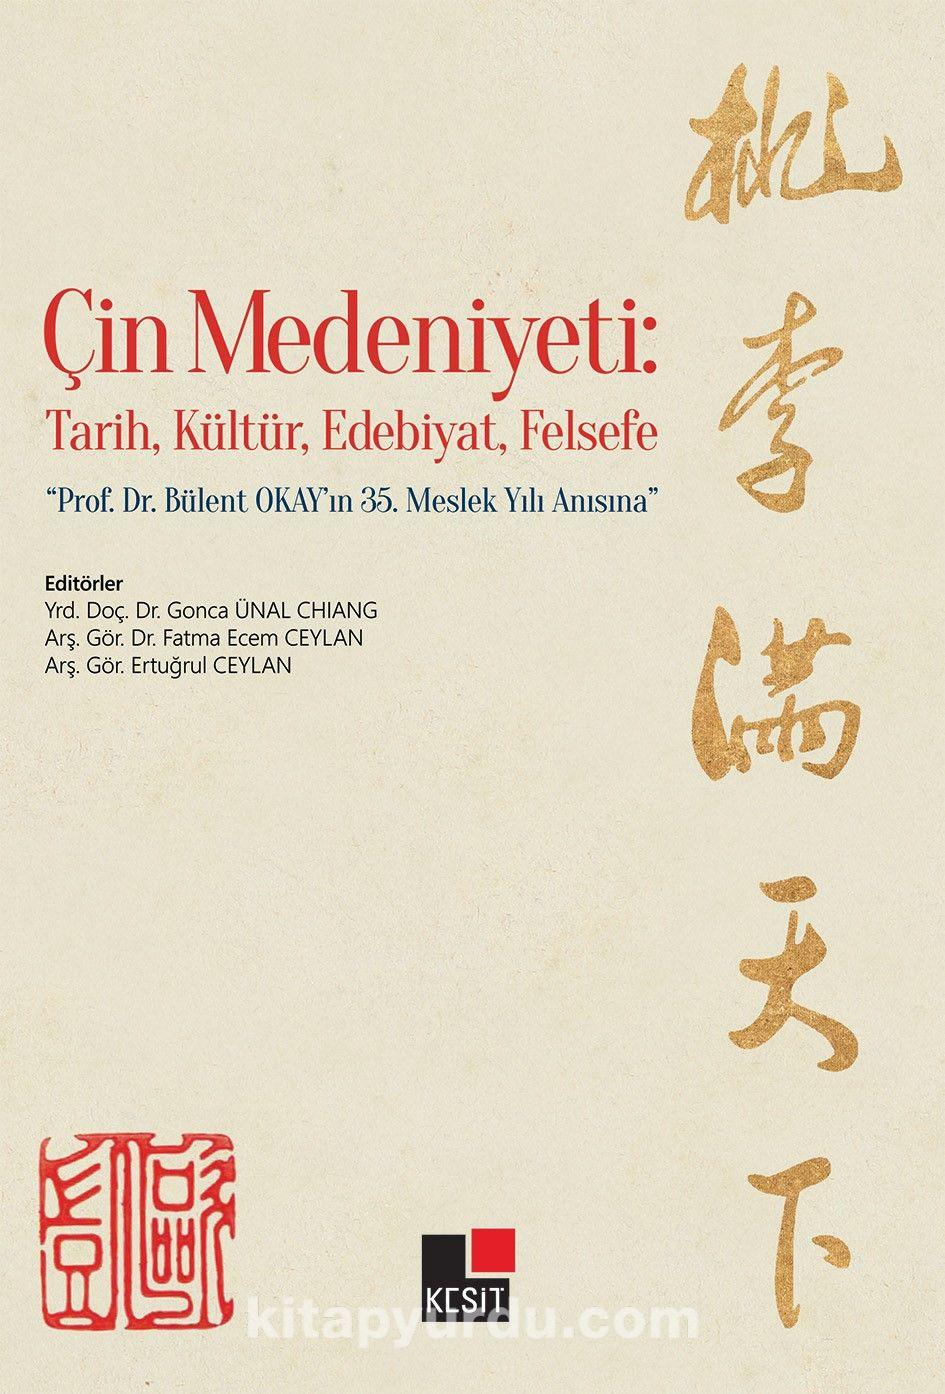 Çin Medeniyeti: Tarih, Kültür, Edebiyat, Felsefe -  pdf epub